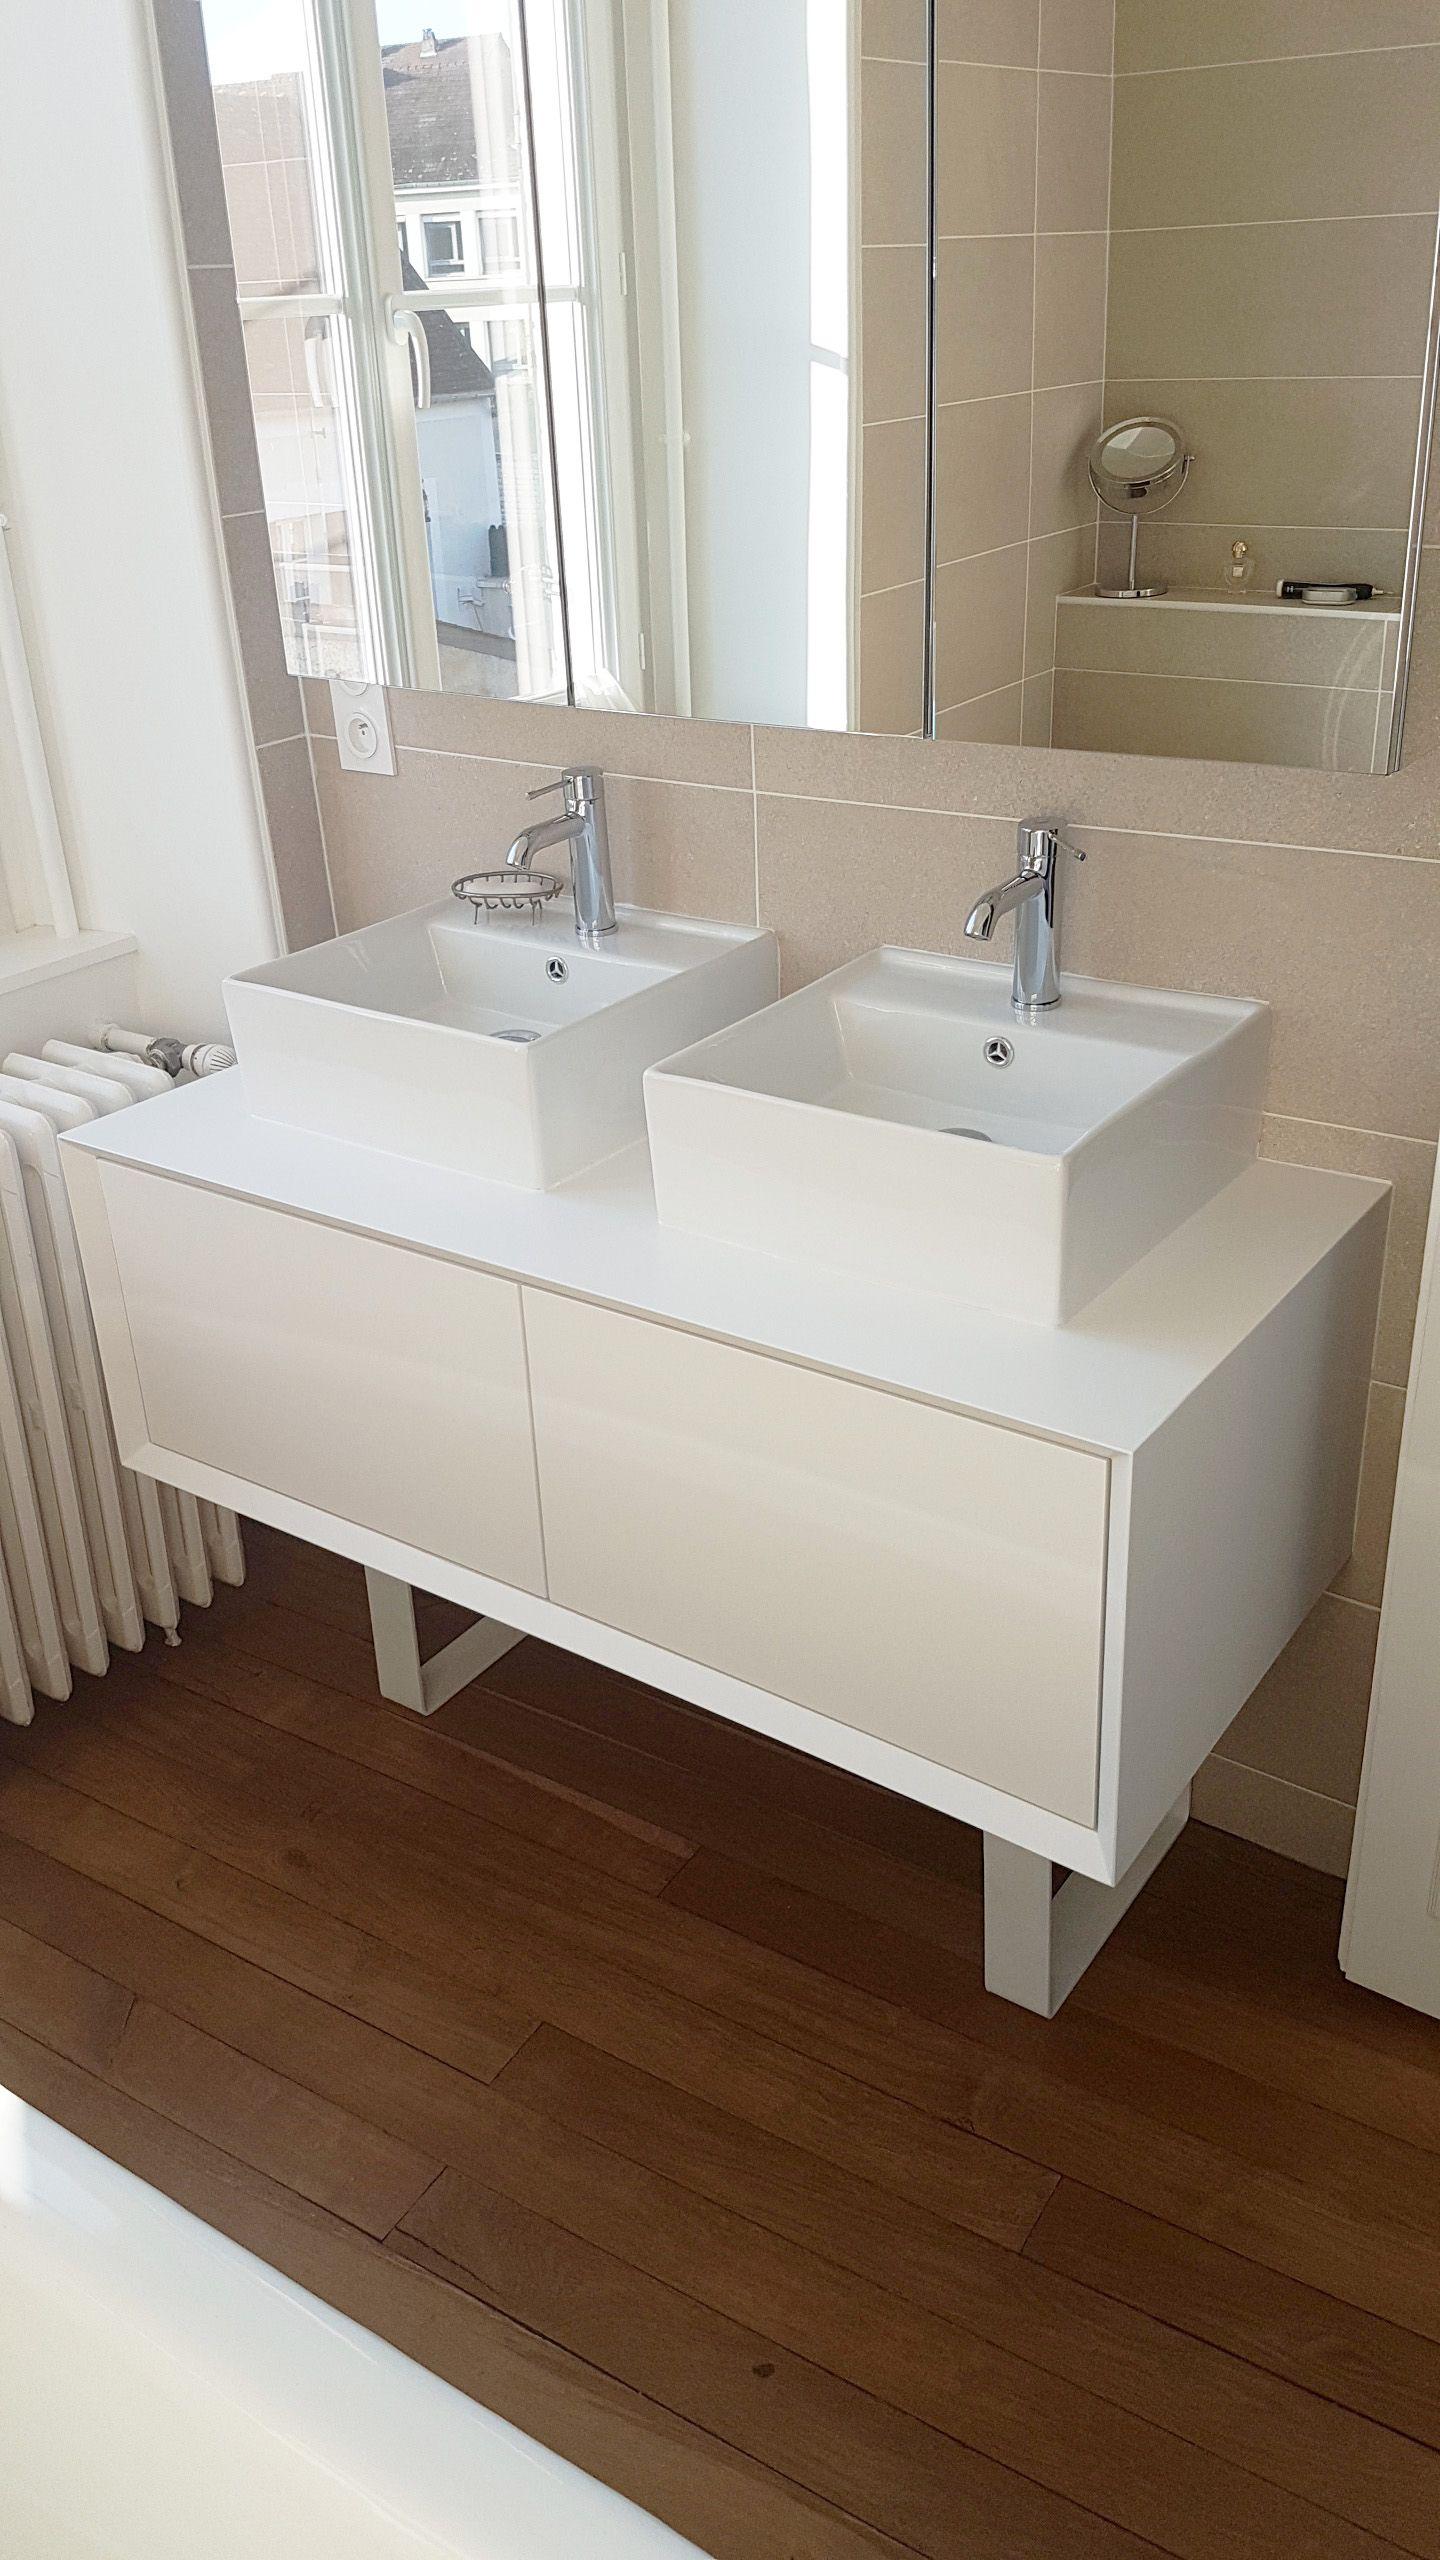 Meuble De Salle De Bain Realise Avec Des Pieds Fer Plat Blanc Sur Mesure Lafabriquedespieds Meuble Vasque La Fabrique Des Pieds Fer Plat